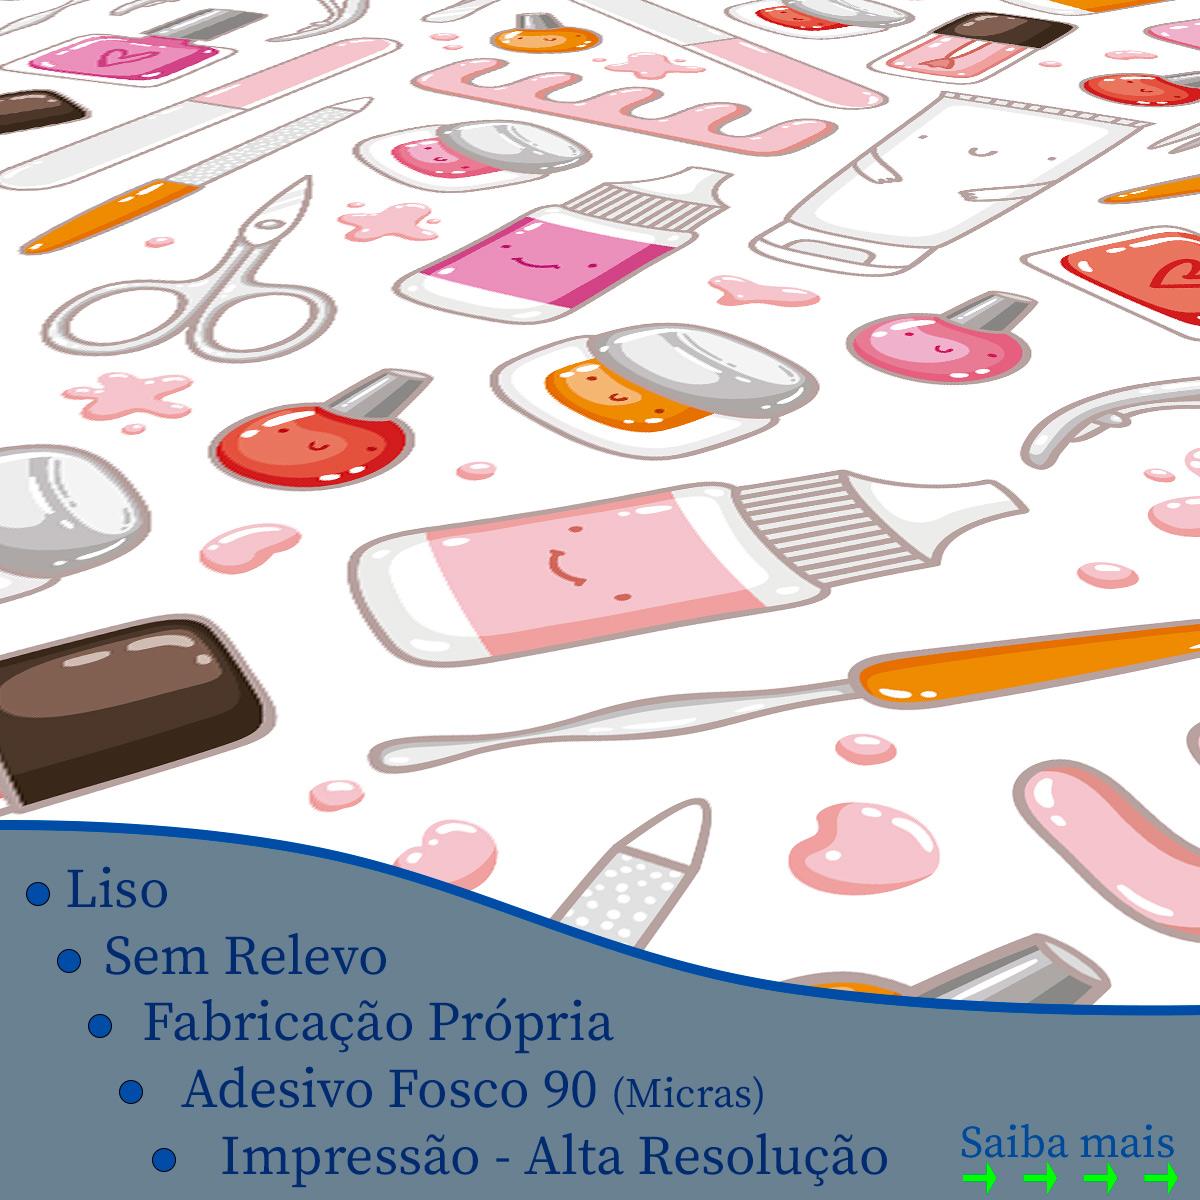 Papel de Parede Manicure Esmaltes Alicates Adesivo